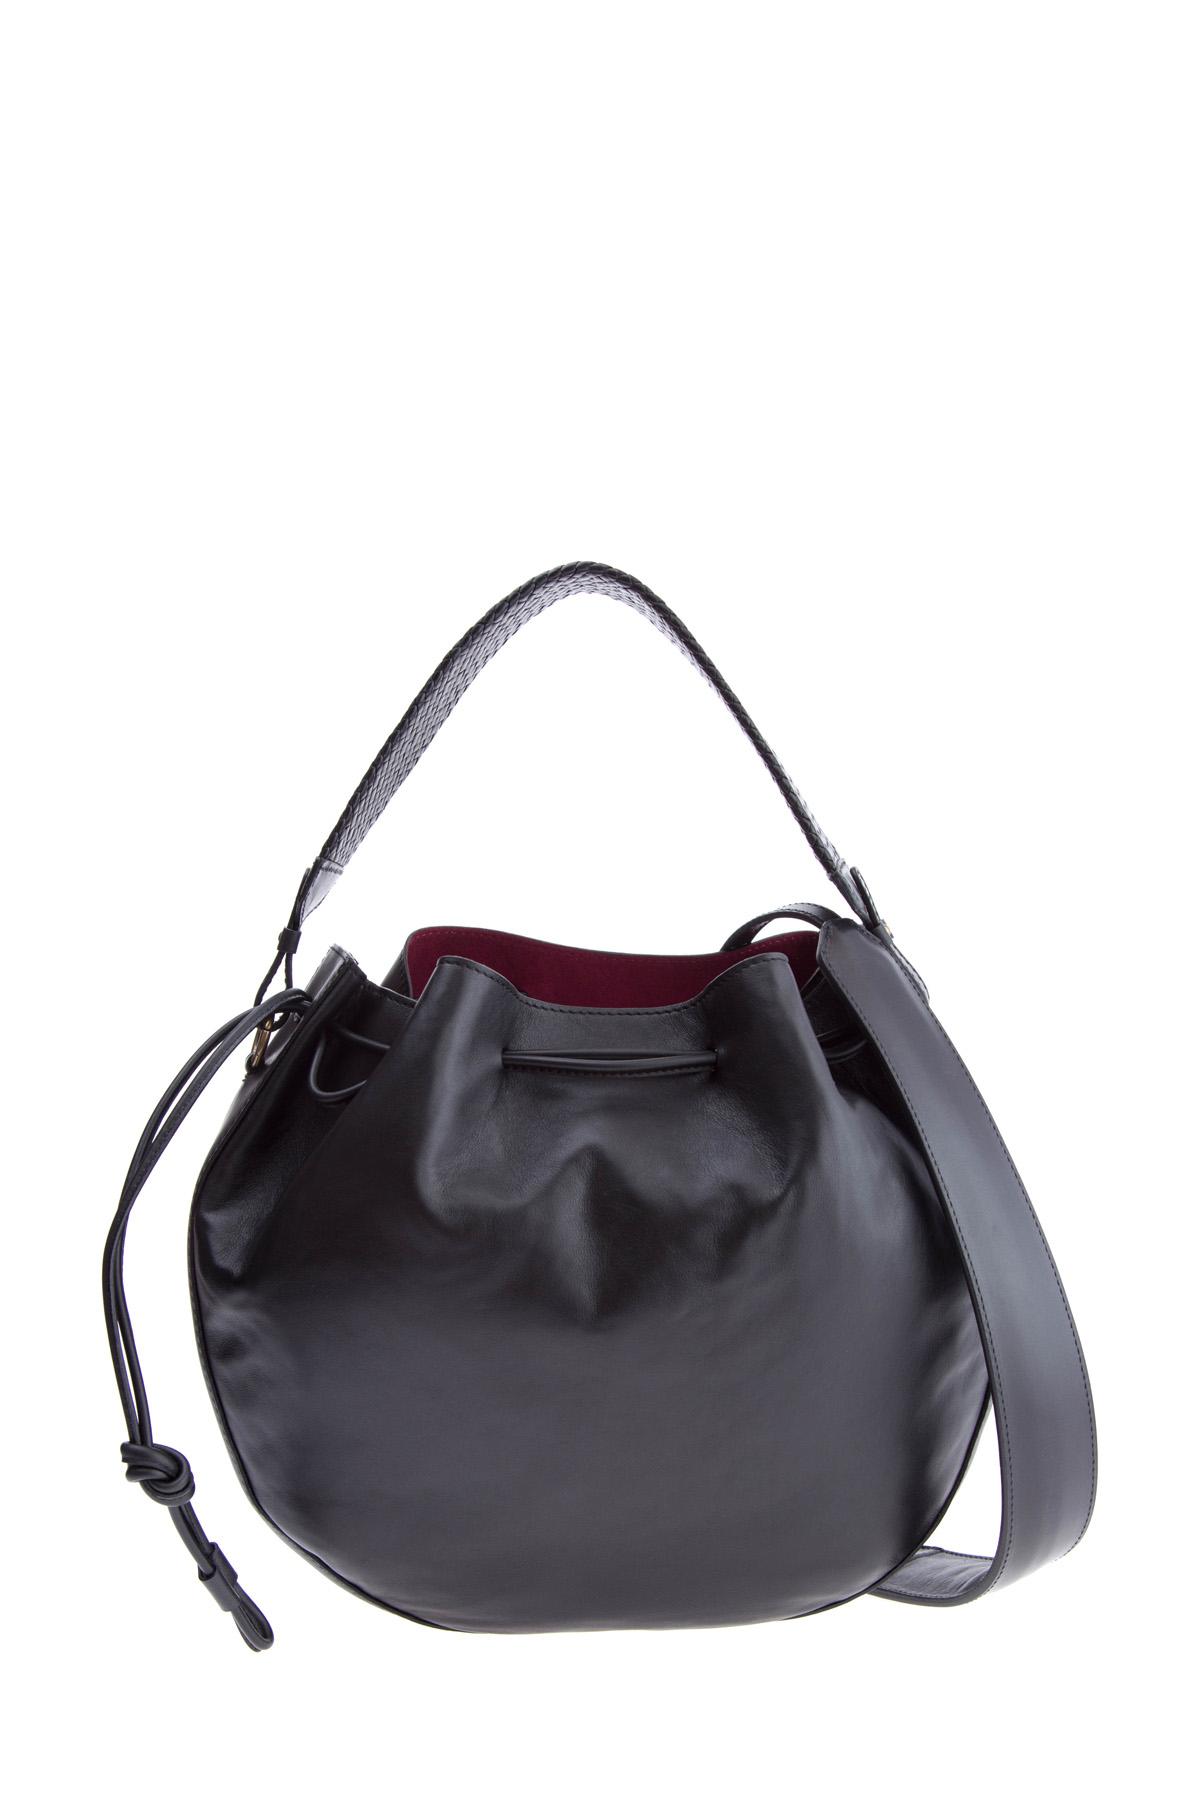 Купить Кожаная сумка полукруглой формы с широким плечевым ремнем и кулиской, ETRO, Италия, кожа 100%